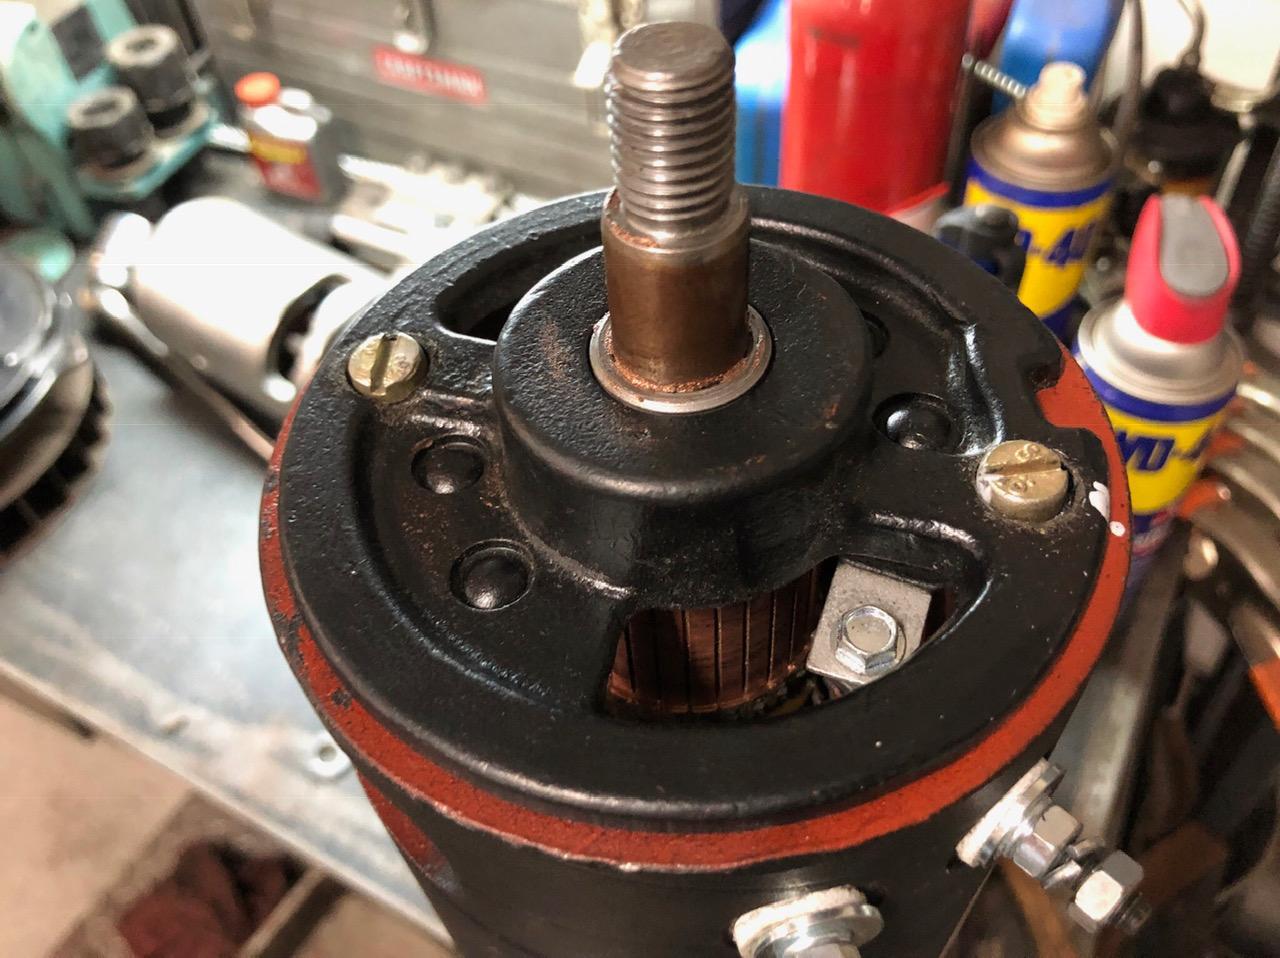 38A rebuilt generator pics